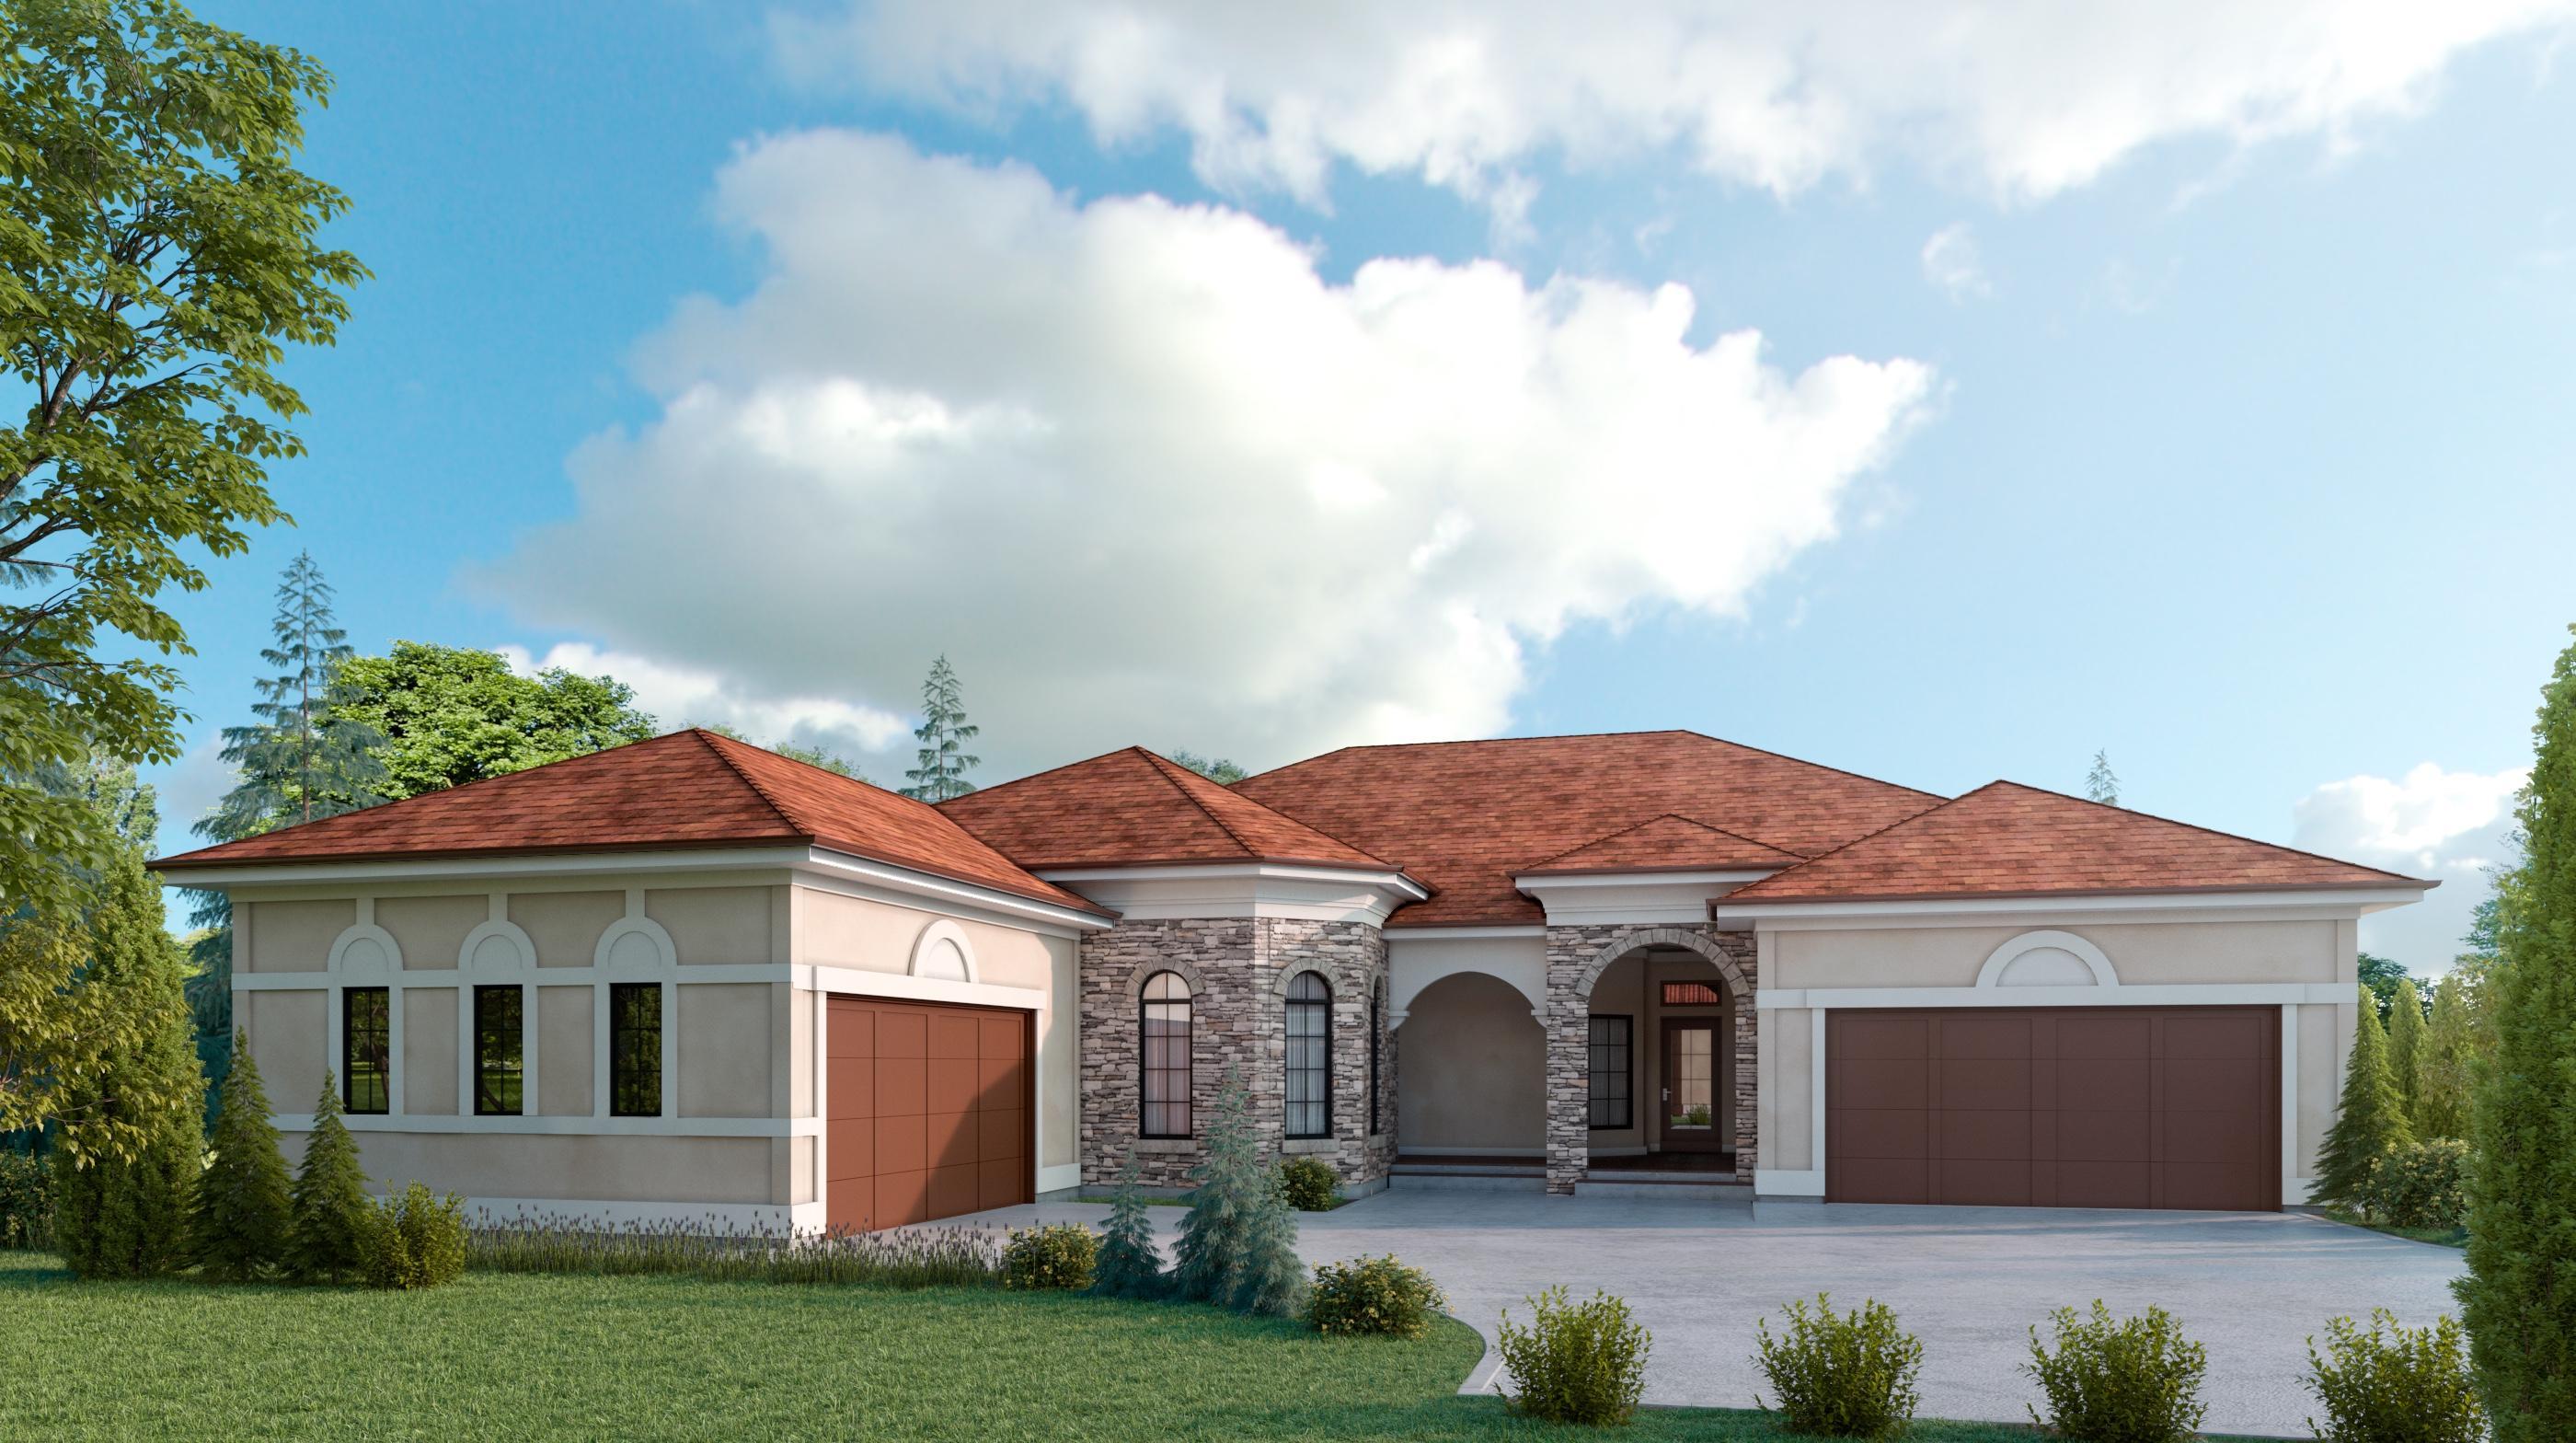 1639 Toscano Ter, Oconomowoc, Wisconsin 53066, 2 Bedrooms Bedrooms, ,2 BathroomsBathrooms,Condominiums,For Sale,Toscano Ter,1,1686648